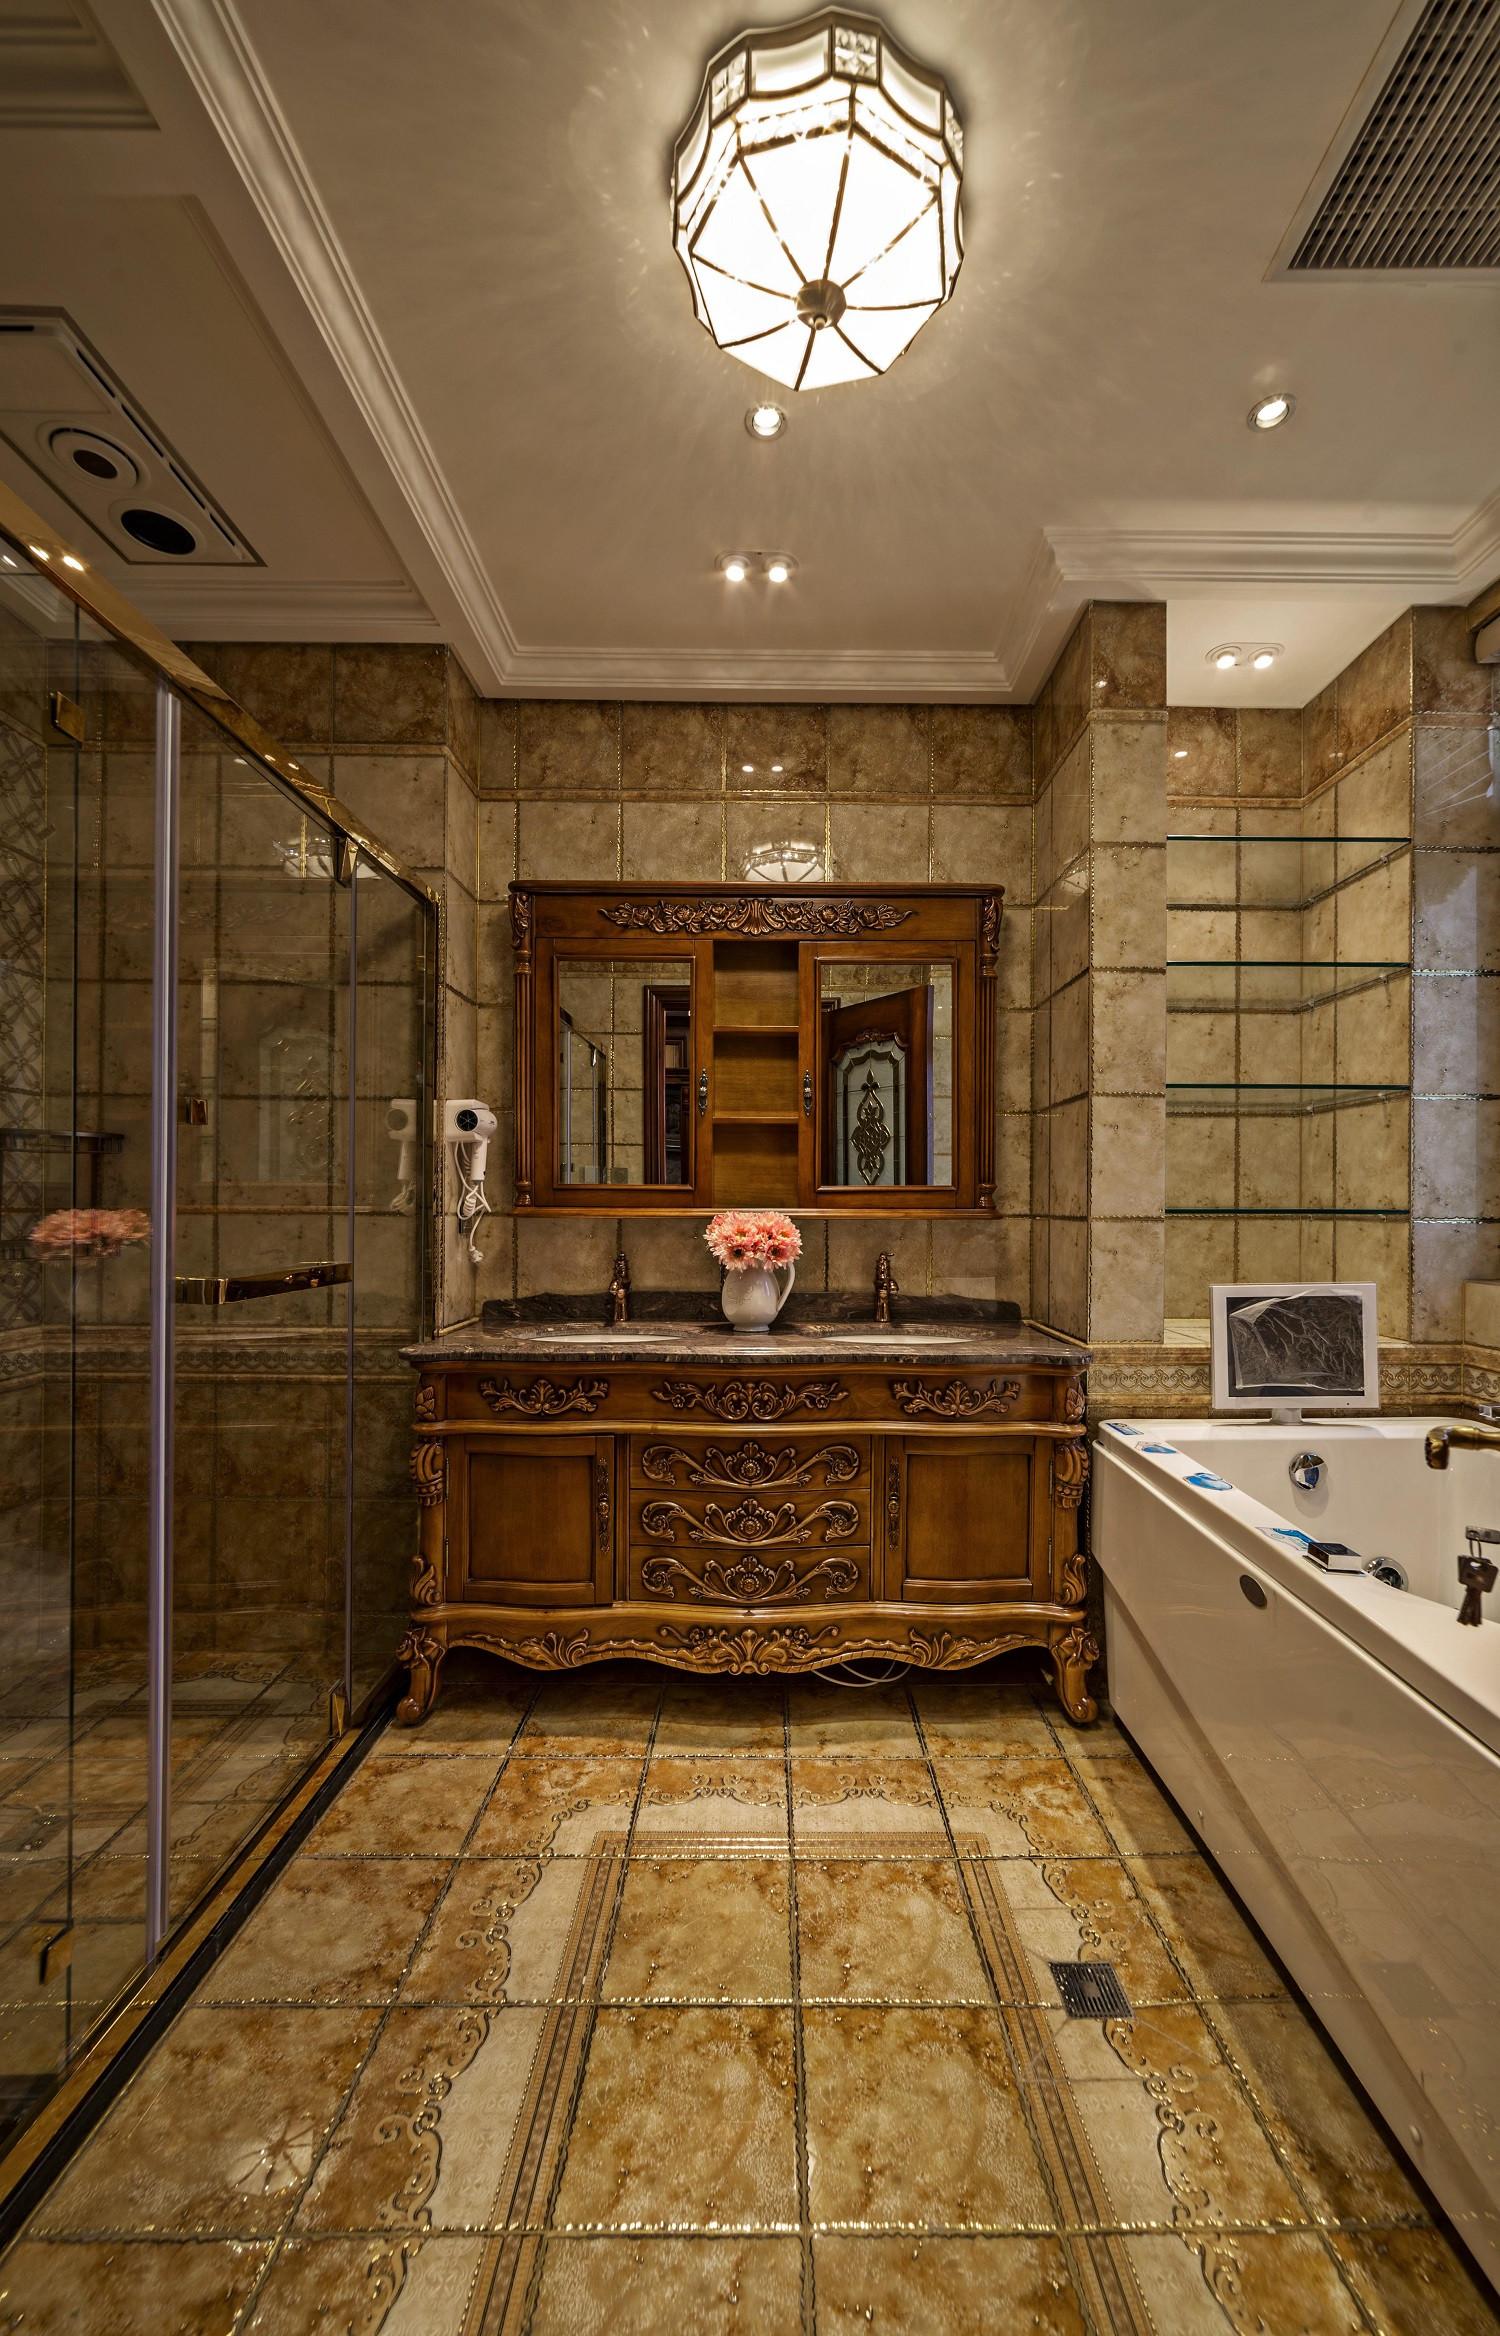 美式古典别墅装修洗手台图片